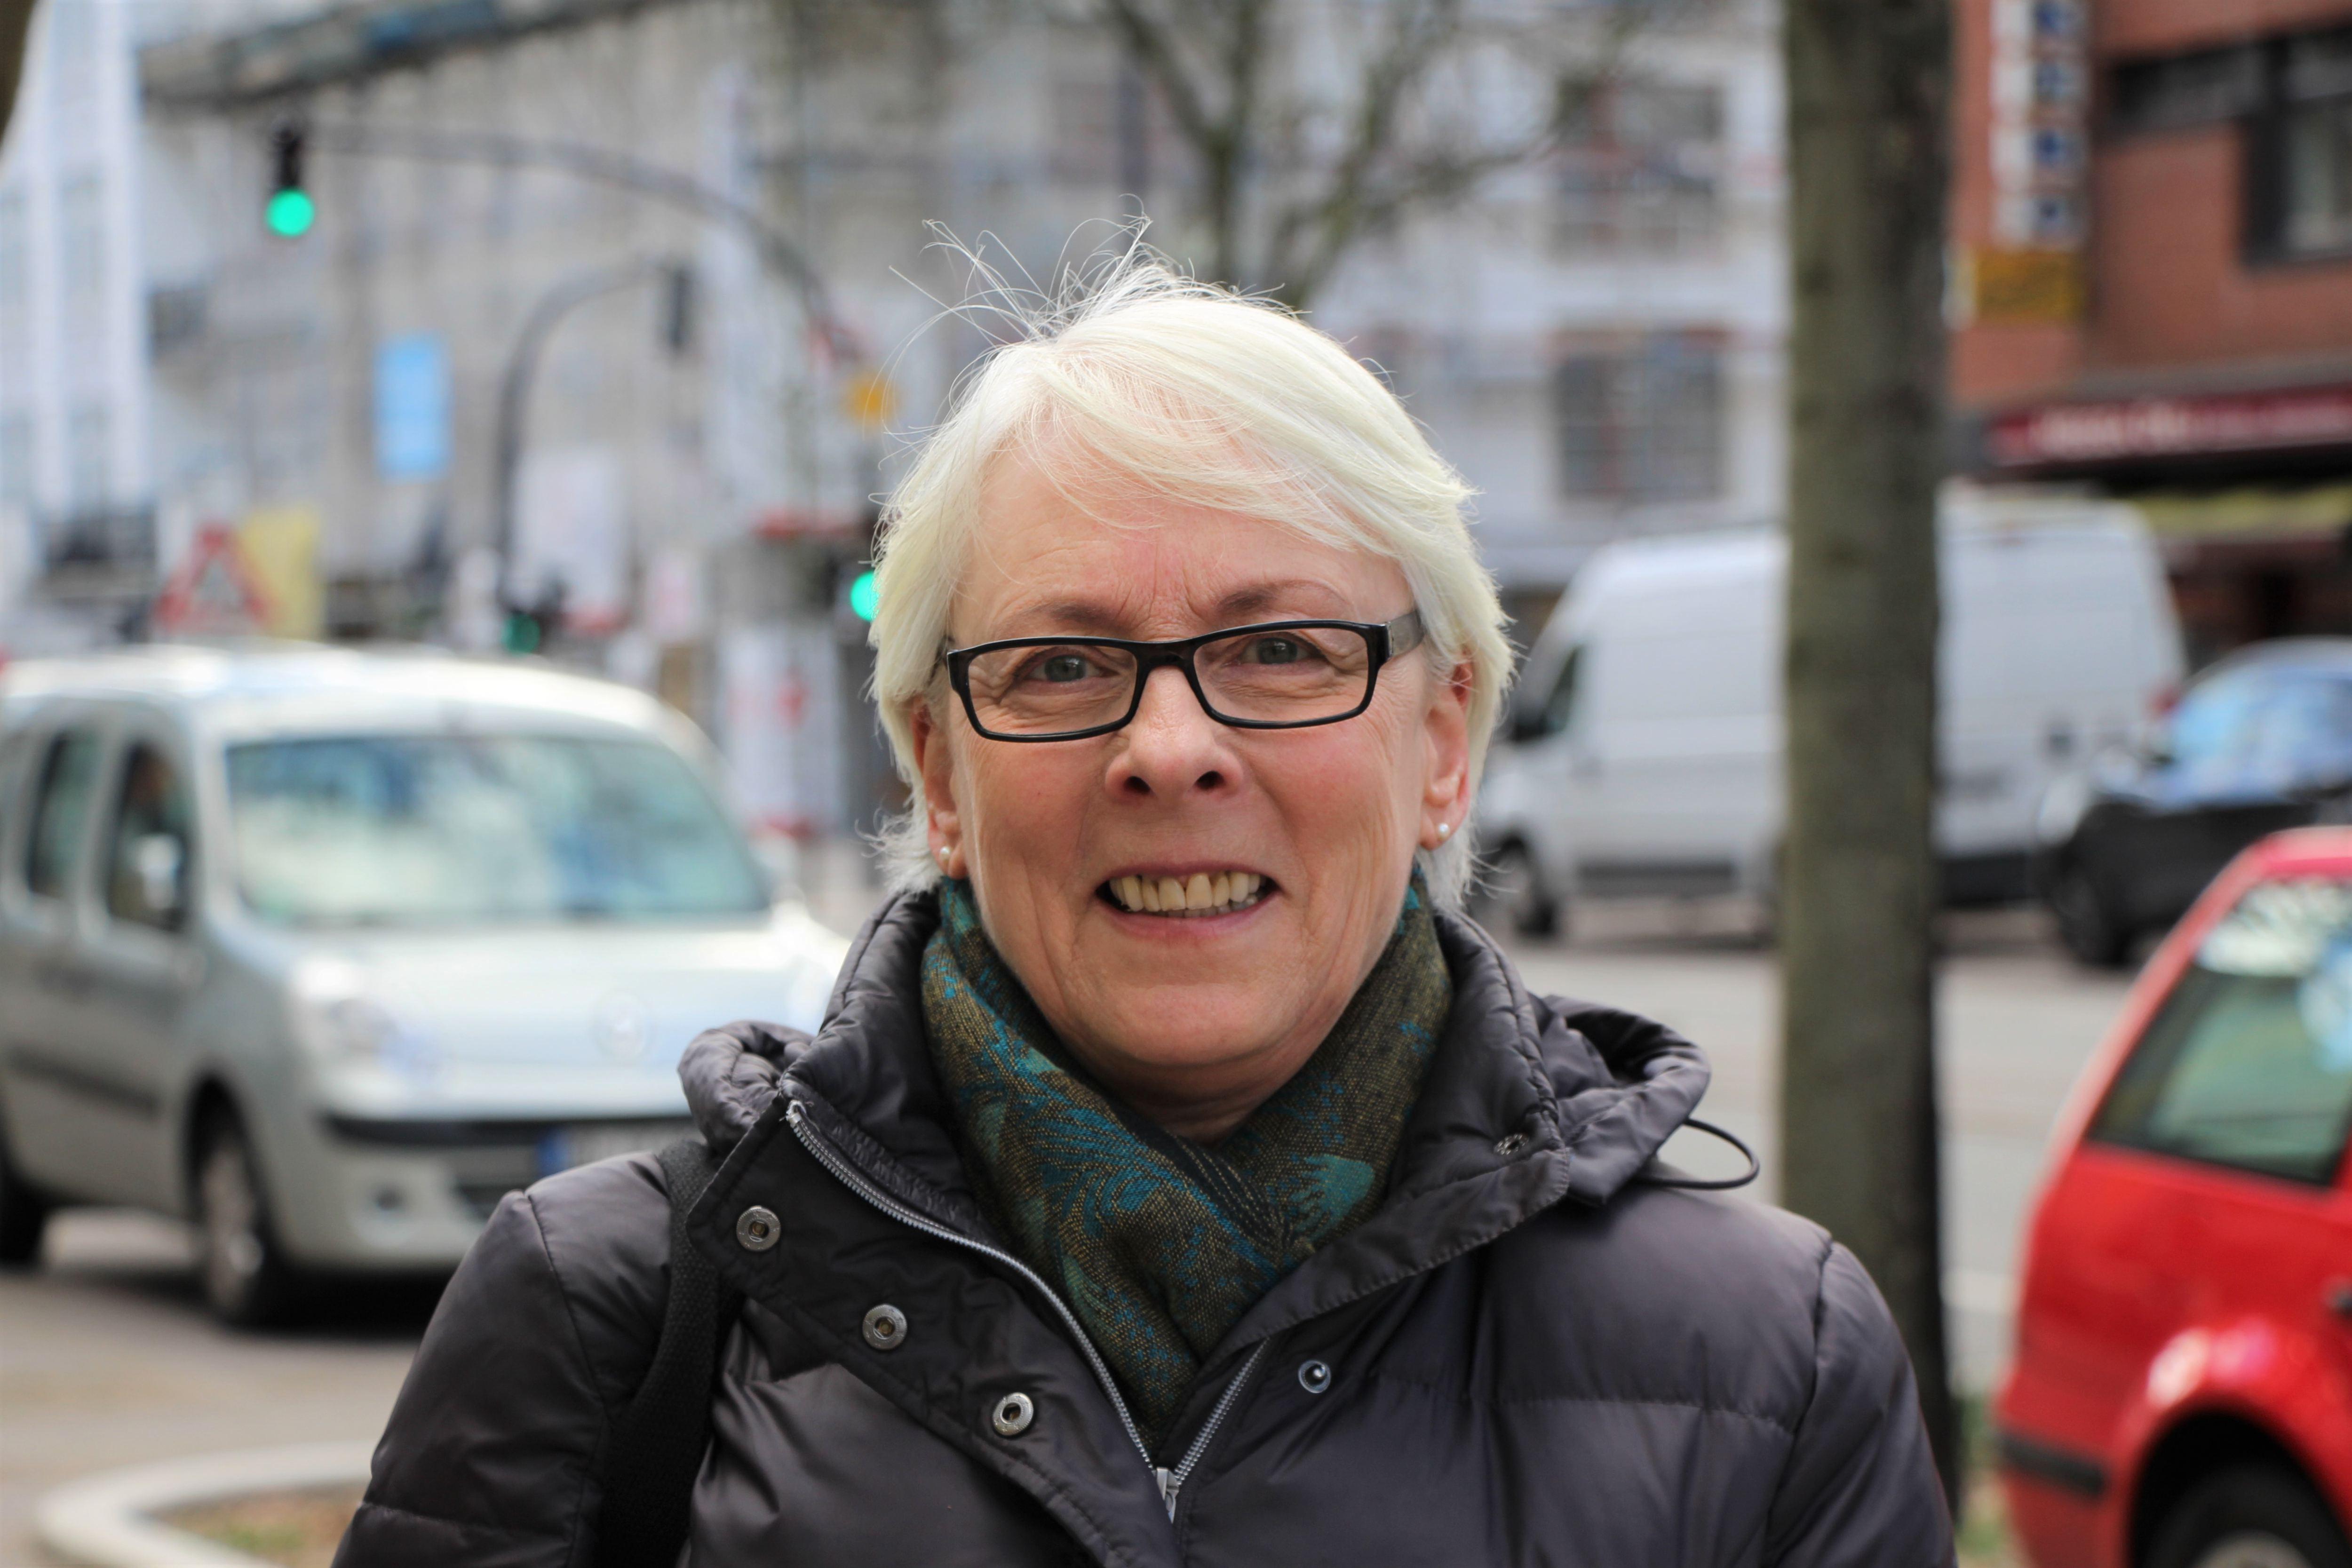 """Gisela: Ich finde es unmöglich, gerade in Eimsbüttel. Ich kann es nicht nachvollziehen, Eimsbüttel ist einer der Stadtteil mit den meisten Kindern. Das ist als würde man Rentner ausschließen. Das Café muss man boykottieren."""""""